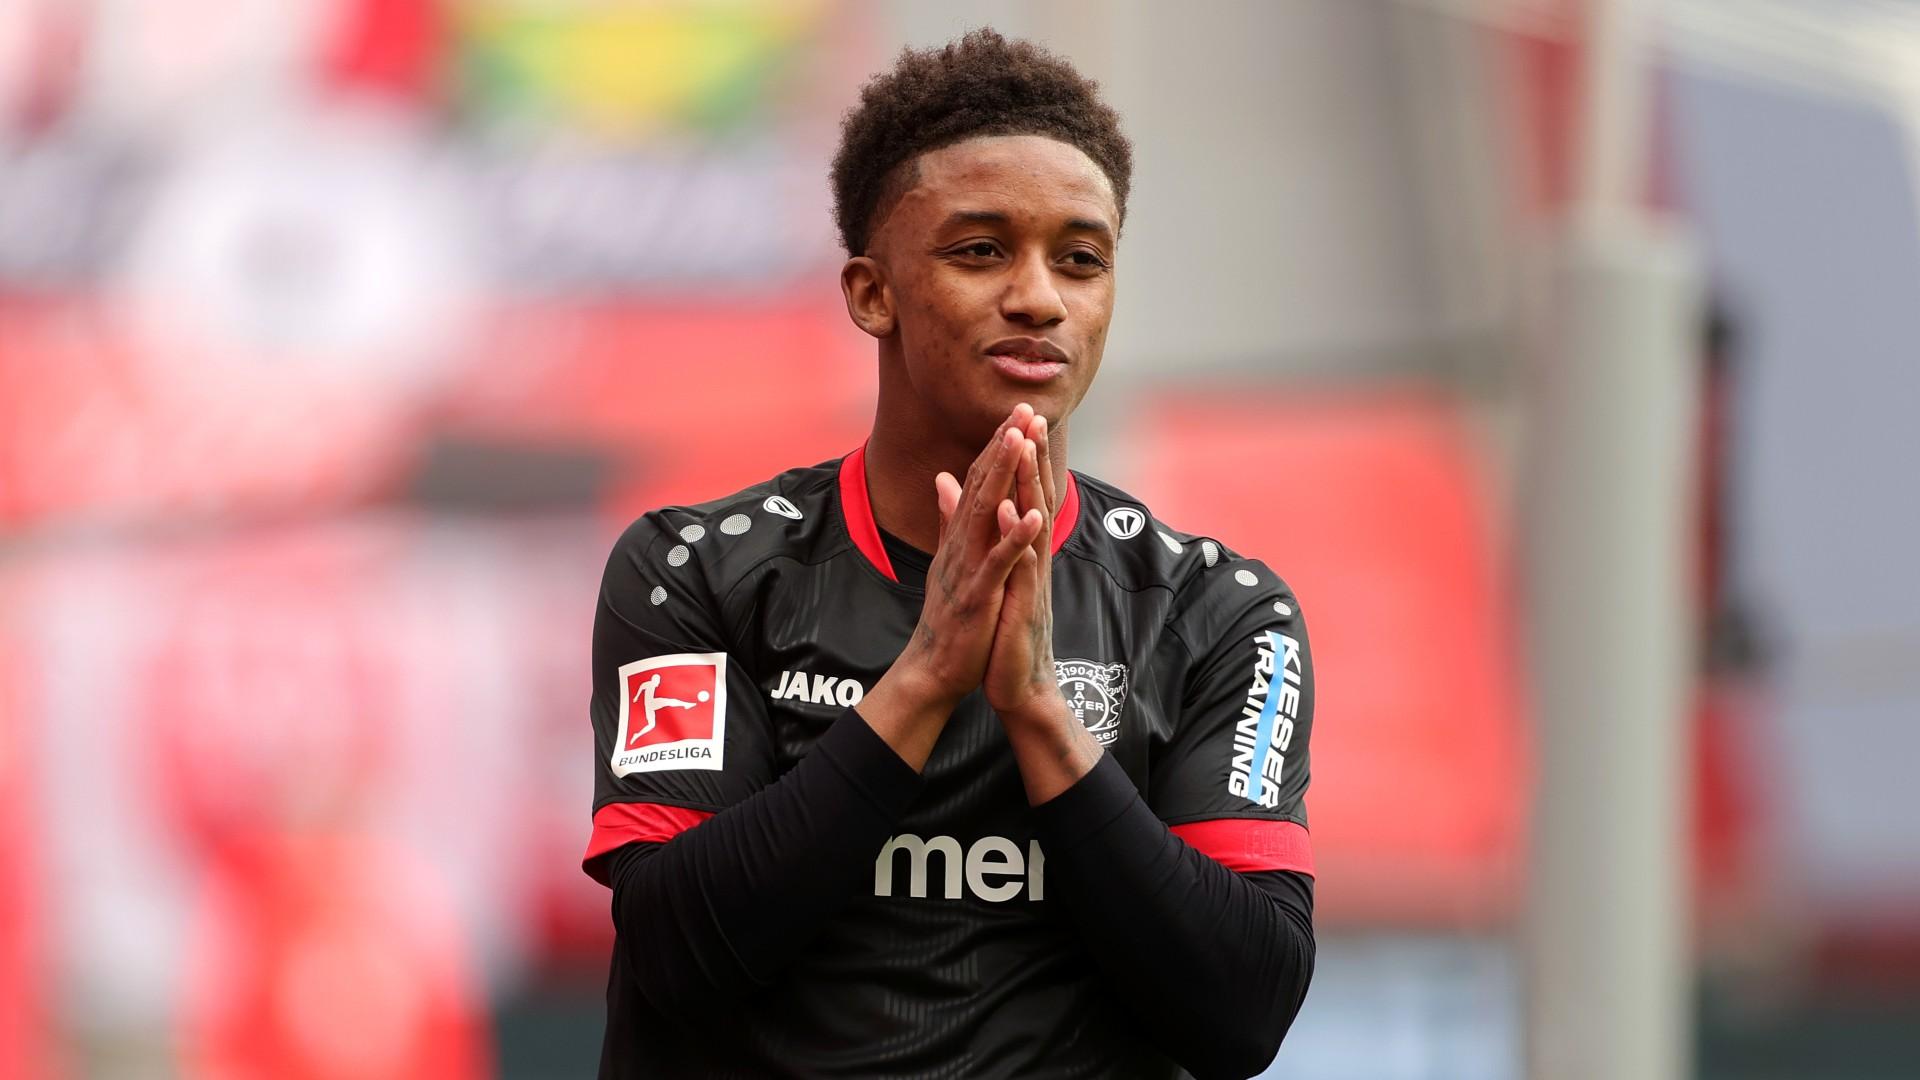 Everton sign Demarai Gray for £1.6m after just six months at Bayer Leverkusen